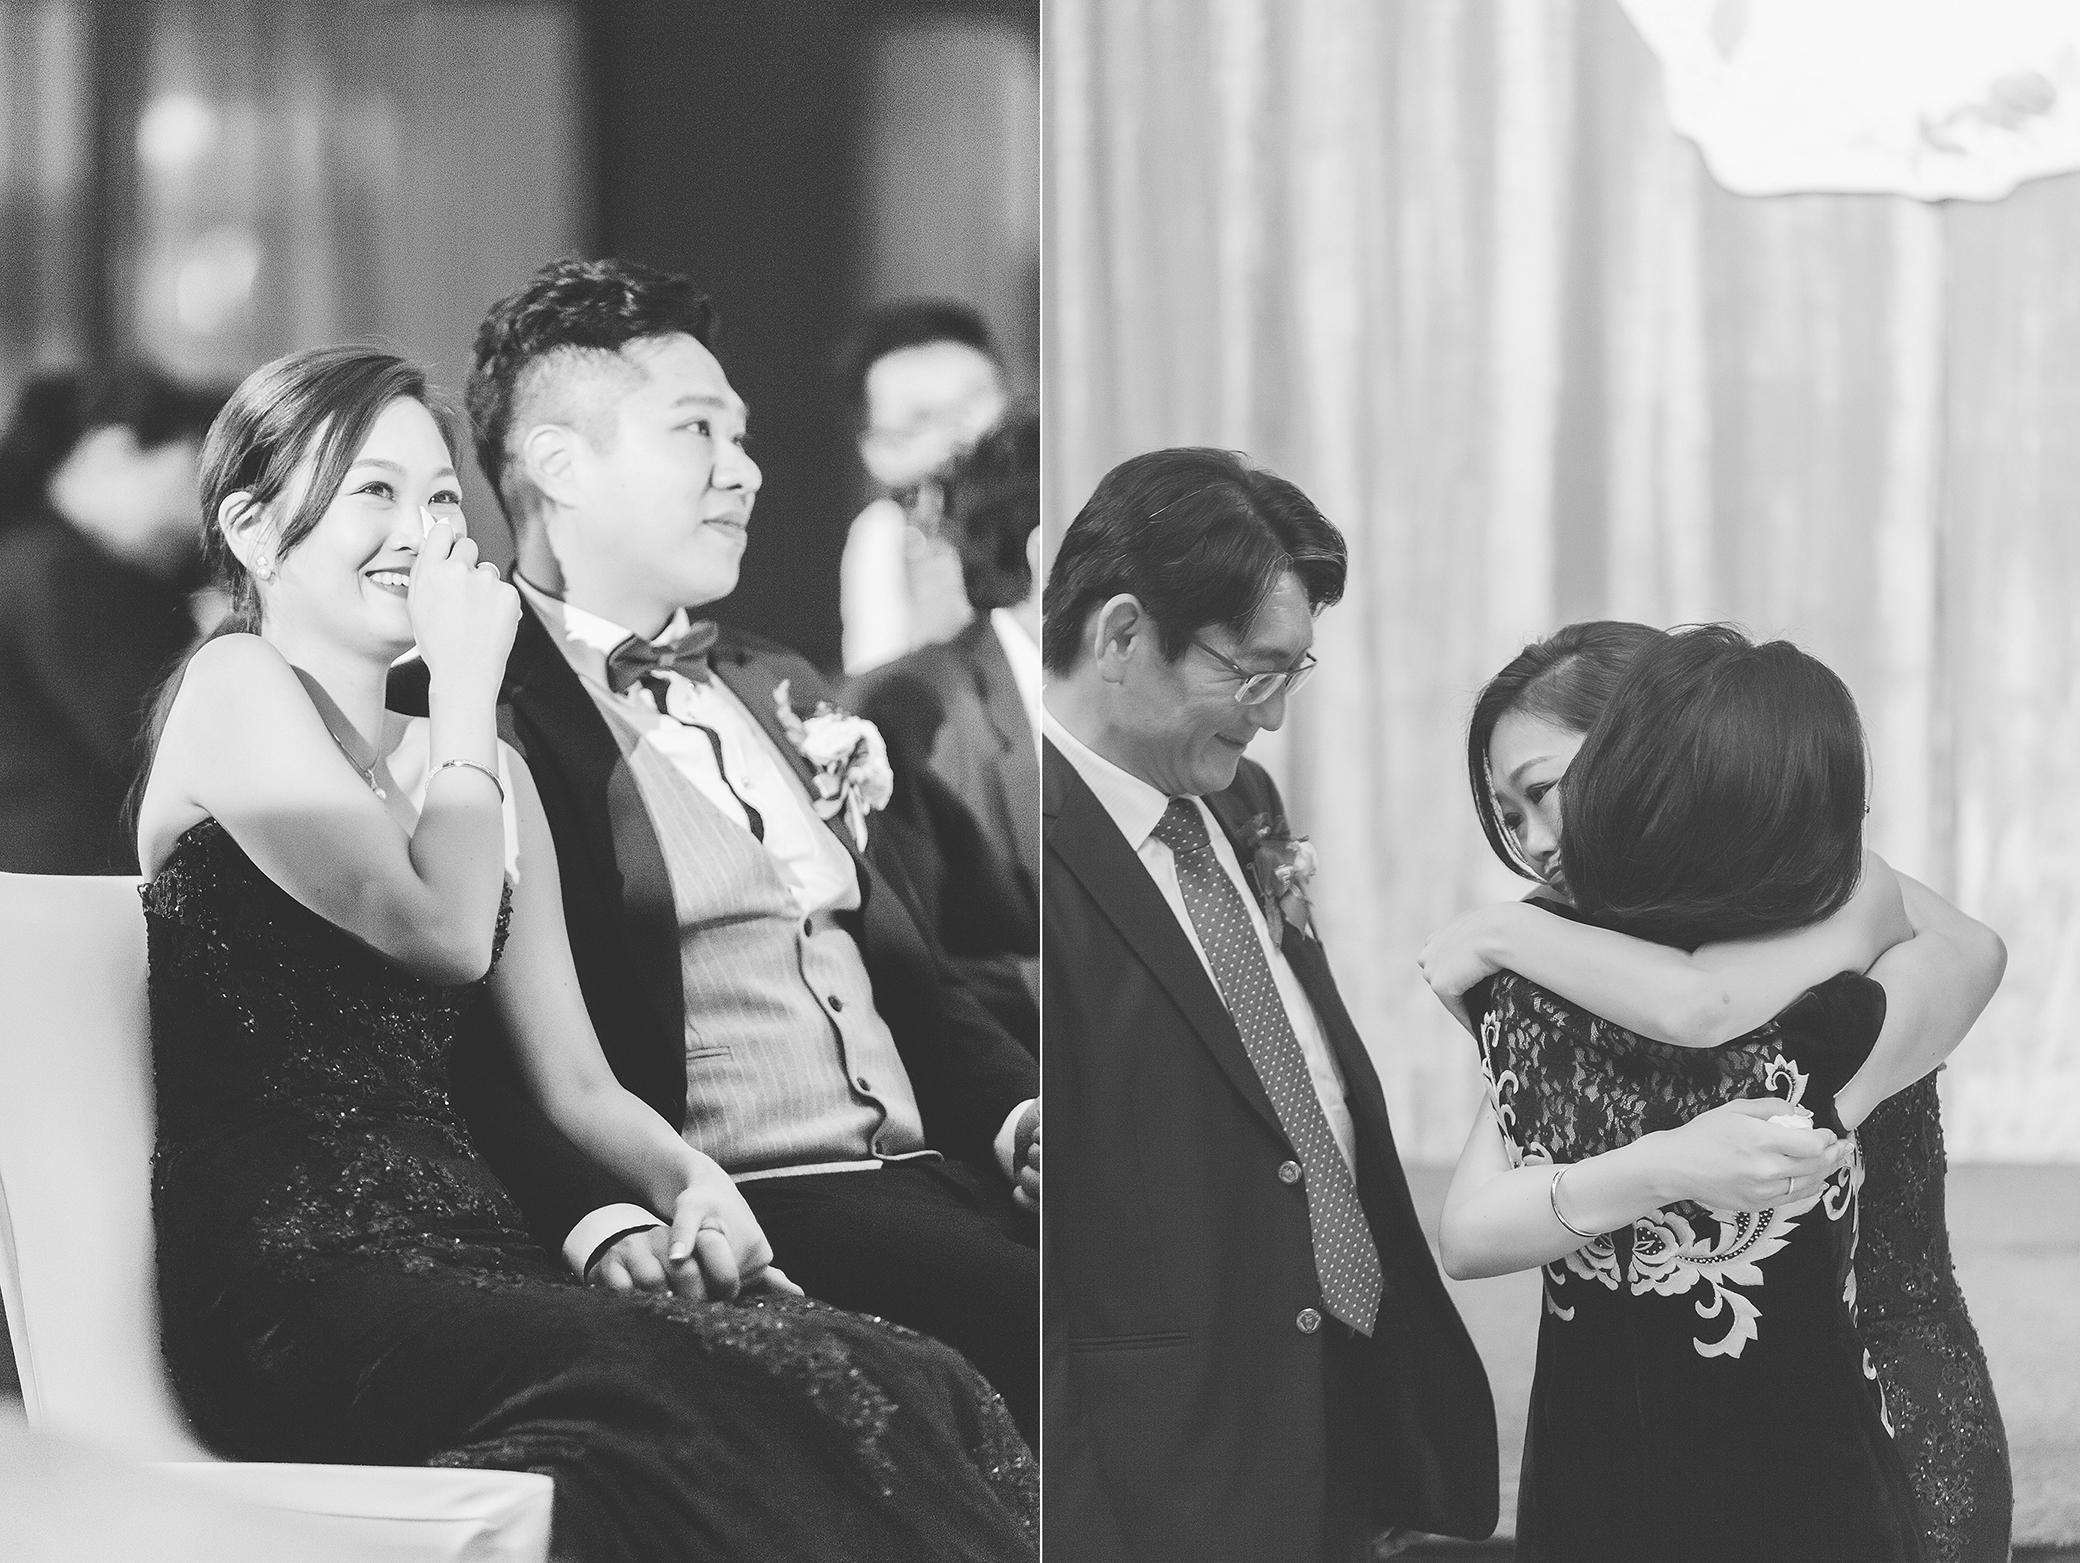 nickchang-wedding-%e5%af%92%e8%88%8d%e8%89%be%e9%ba%97-fineart-52